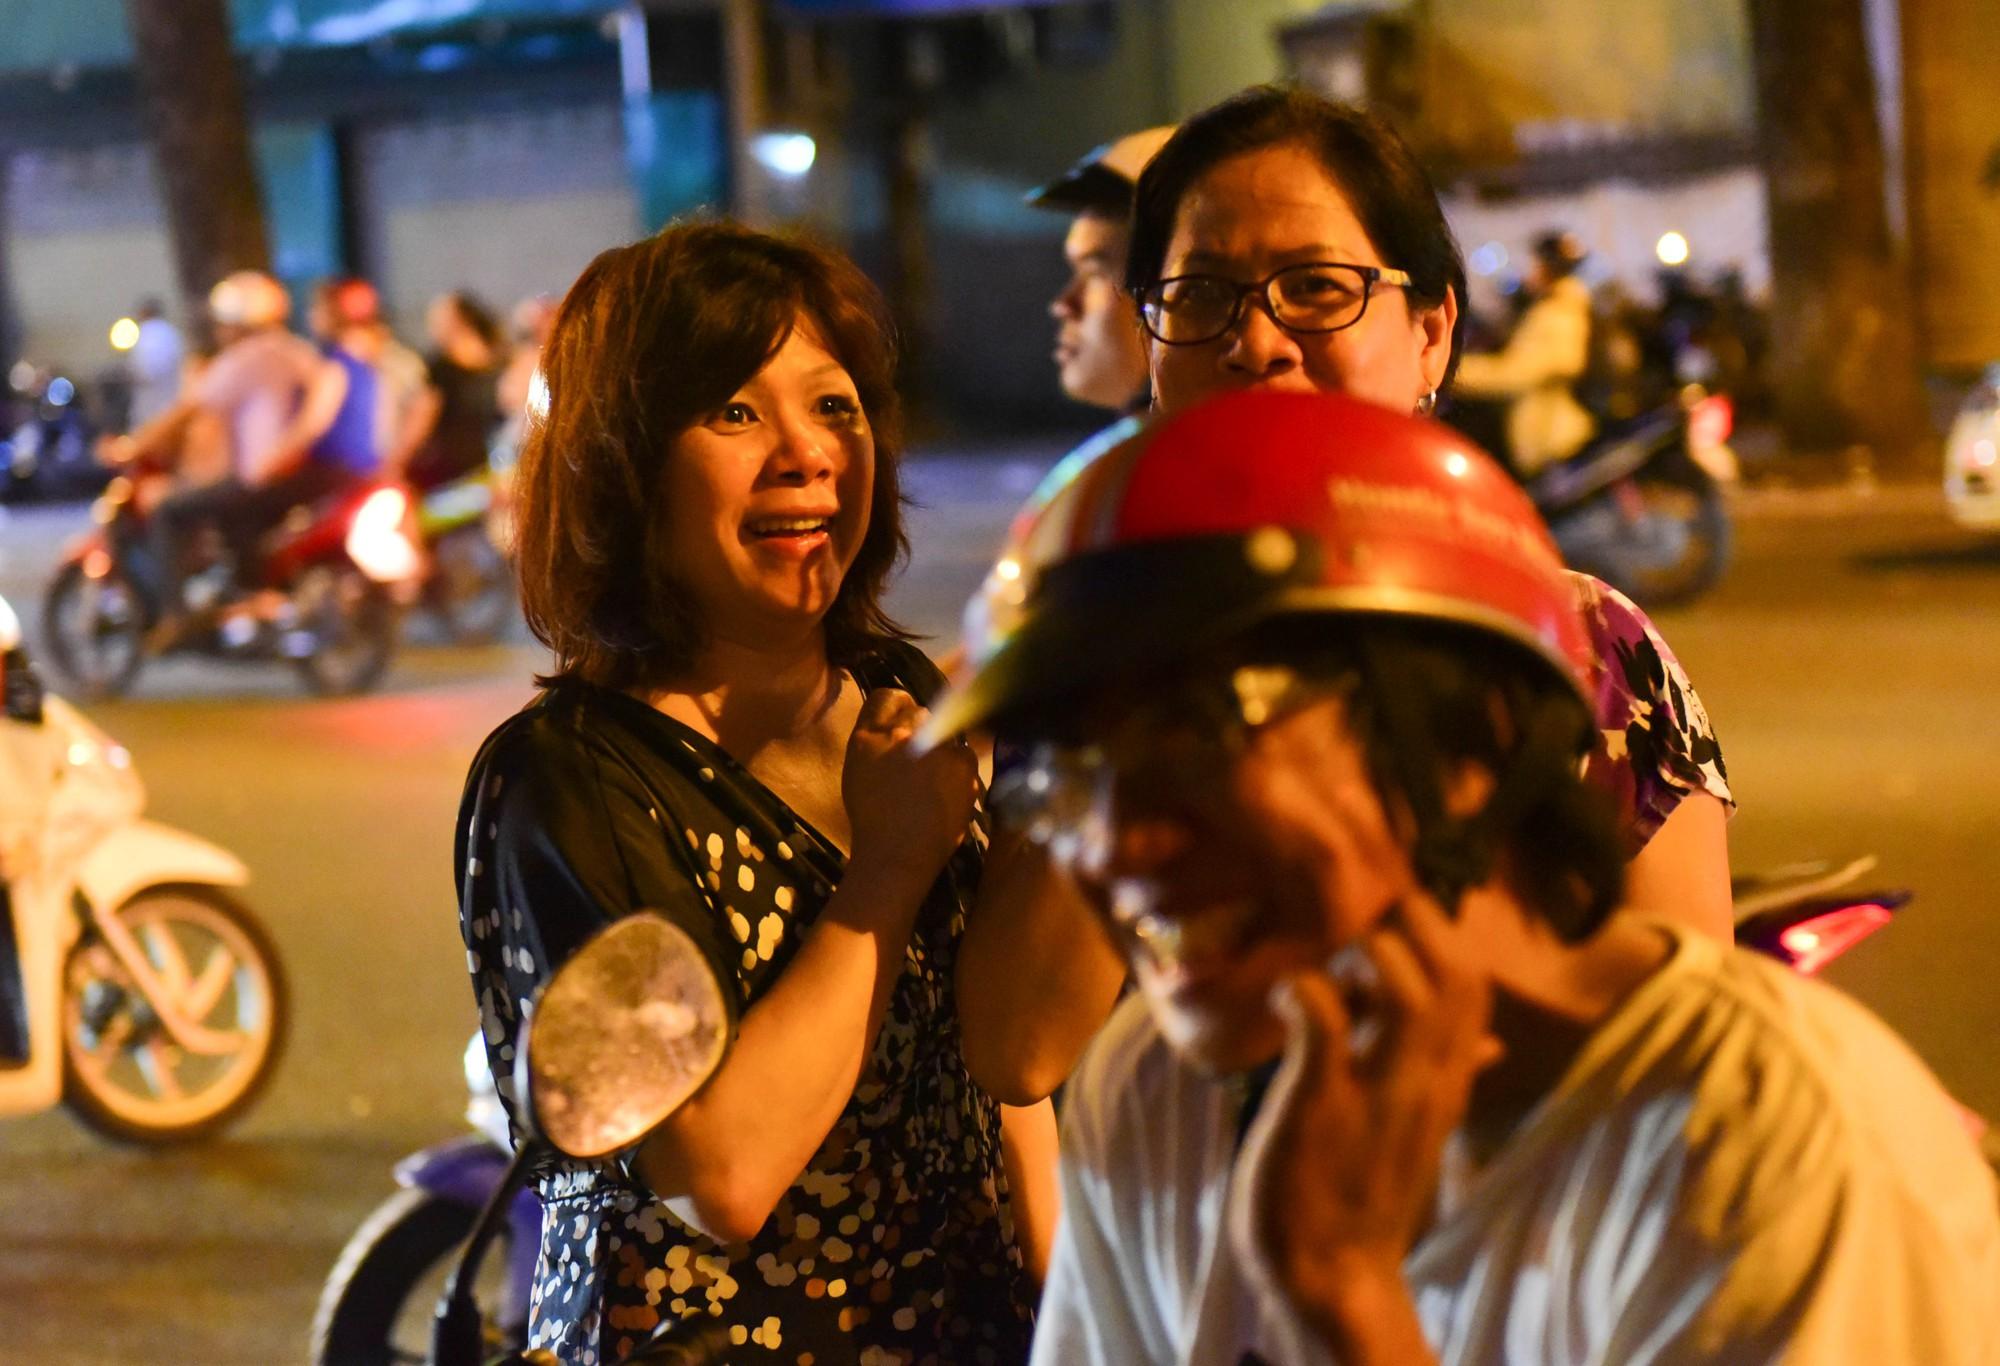 Người Sài Gòn xếp hàng kín vỉa hè chờ mua sữa tươi trân châu đường đen - Ảnh 2.